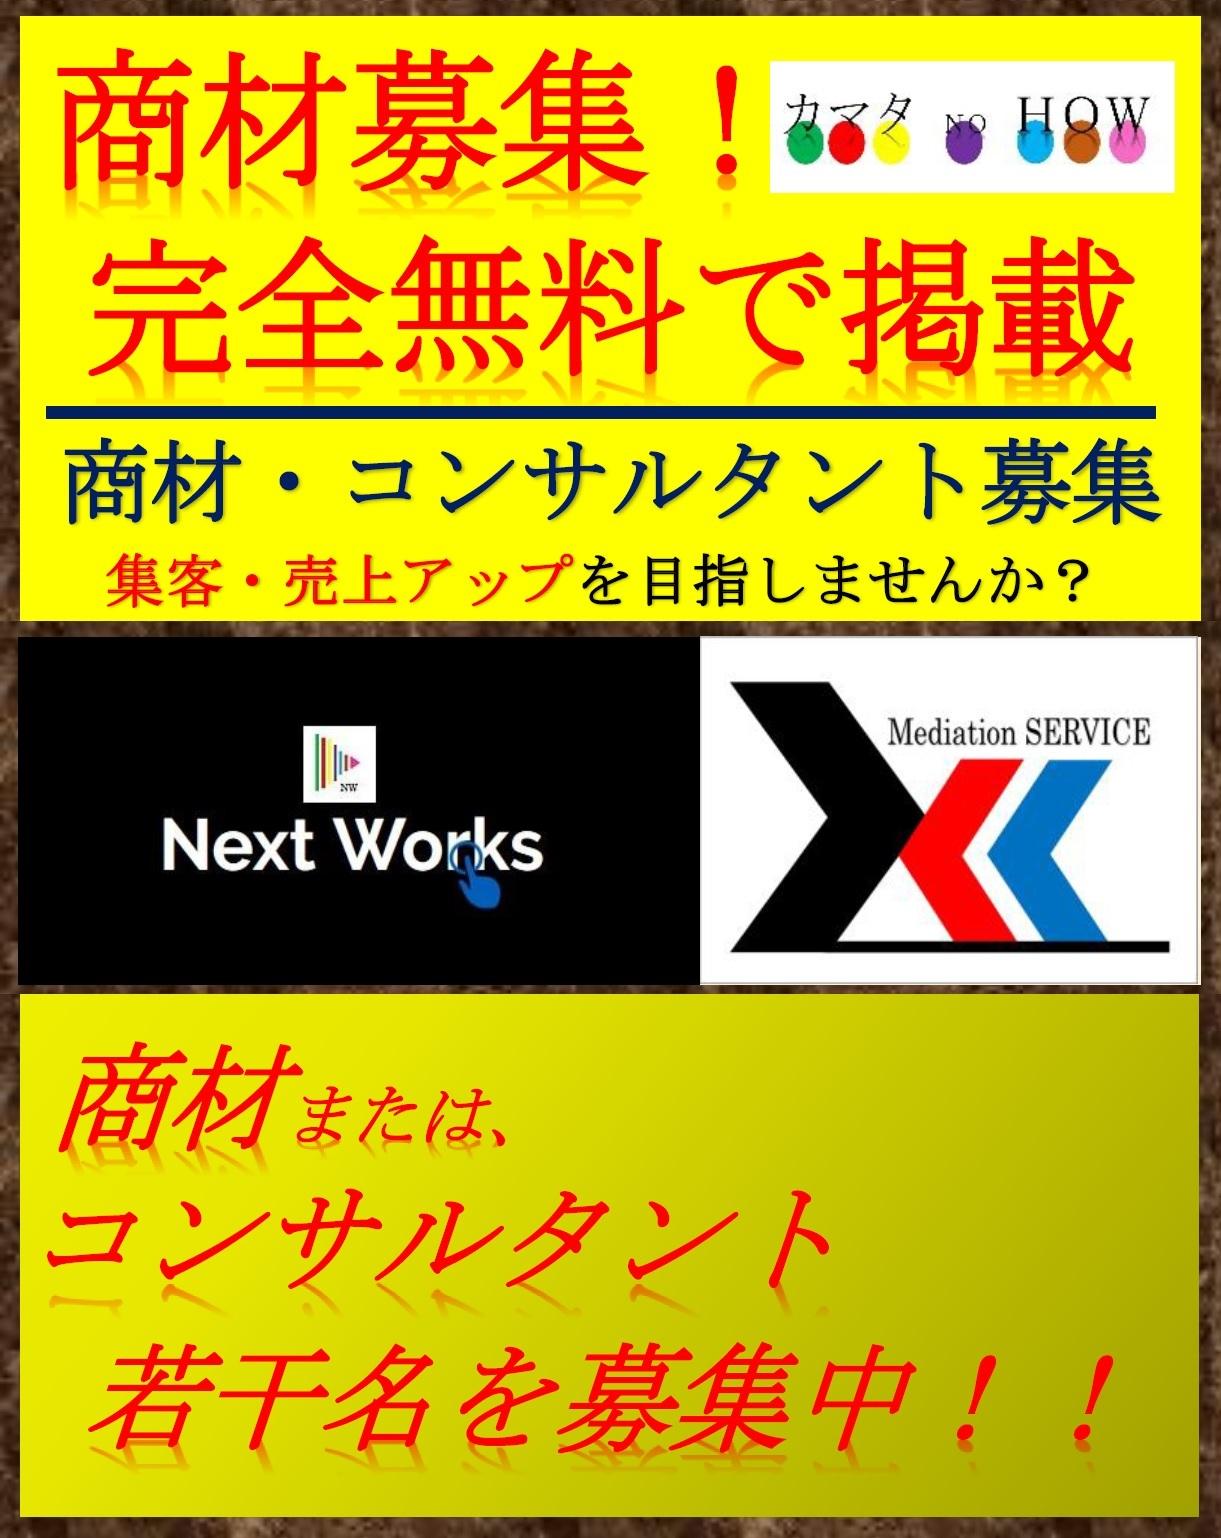 【無料】 商材・コンサルタントページ募集中